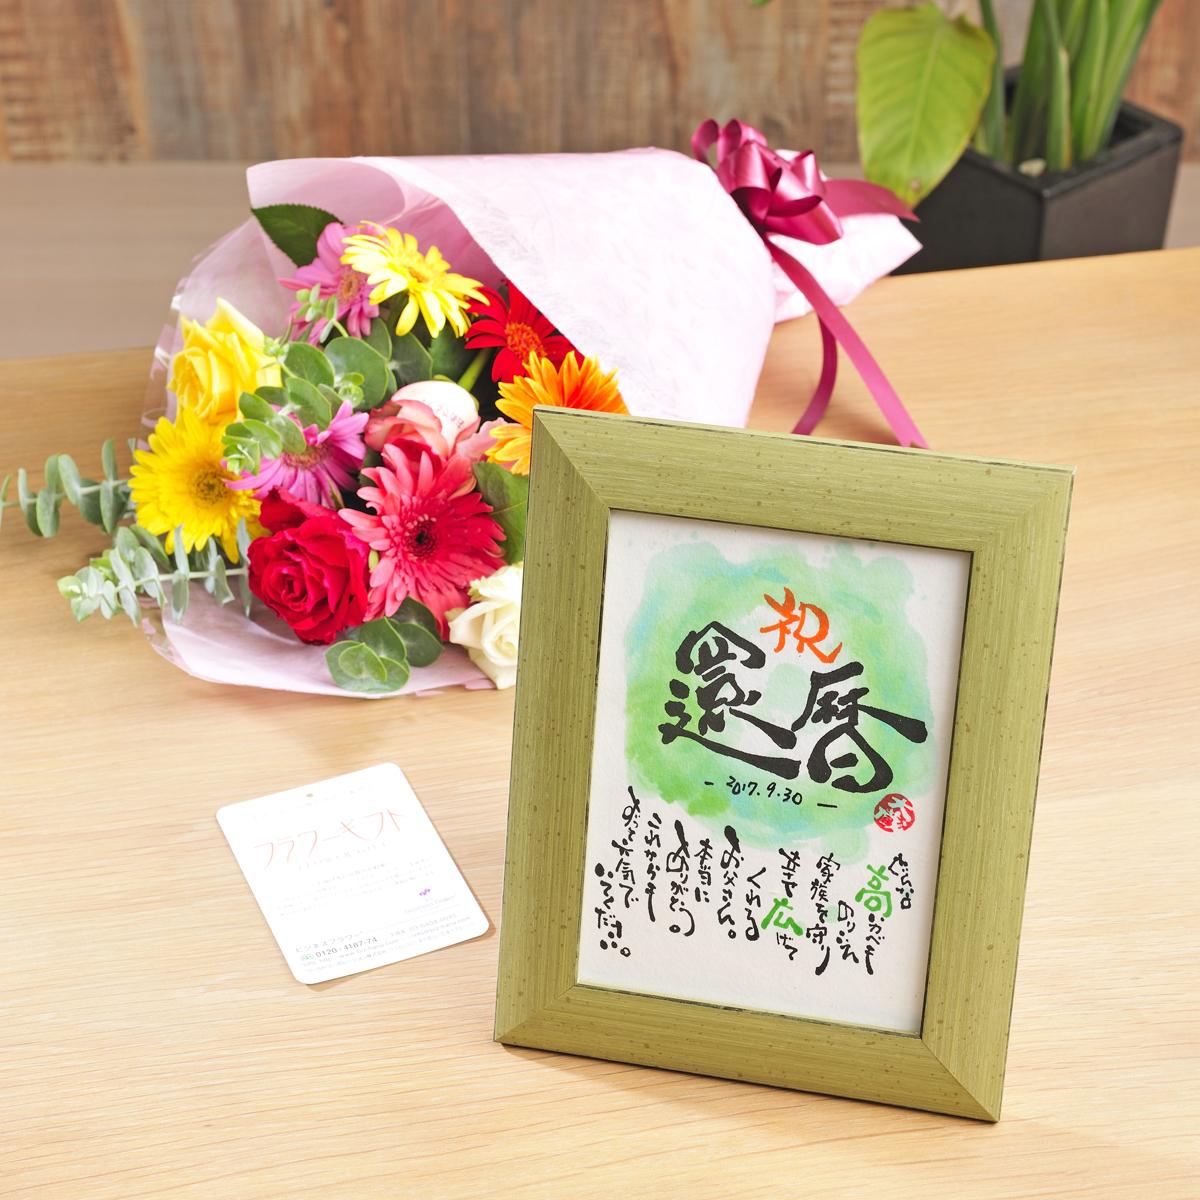 誕生日・誕生祝いにおすすめ!名入れ可!四季ミニ額 【夏】と選べるお花のギフトセット【送料無料】